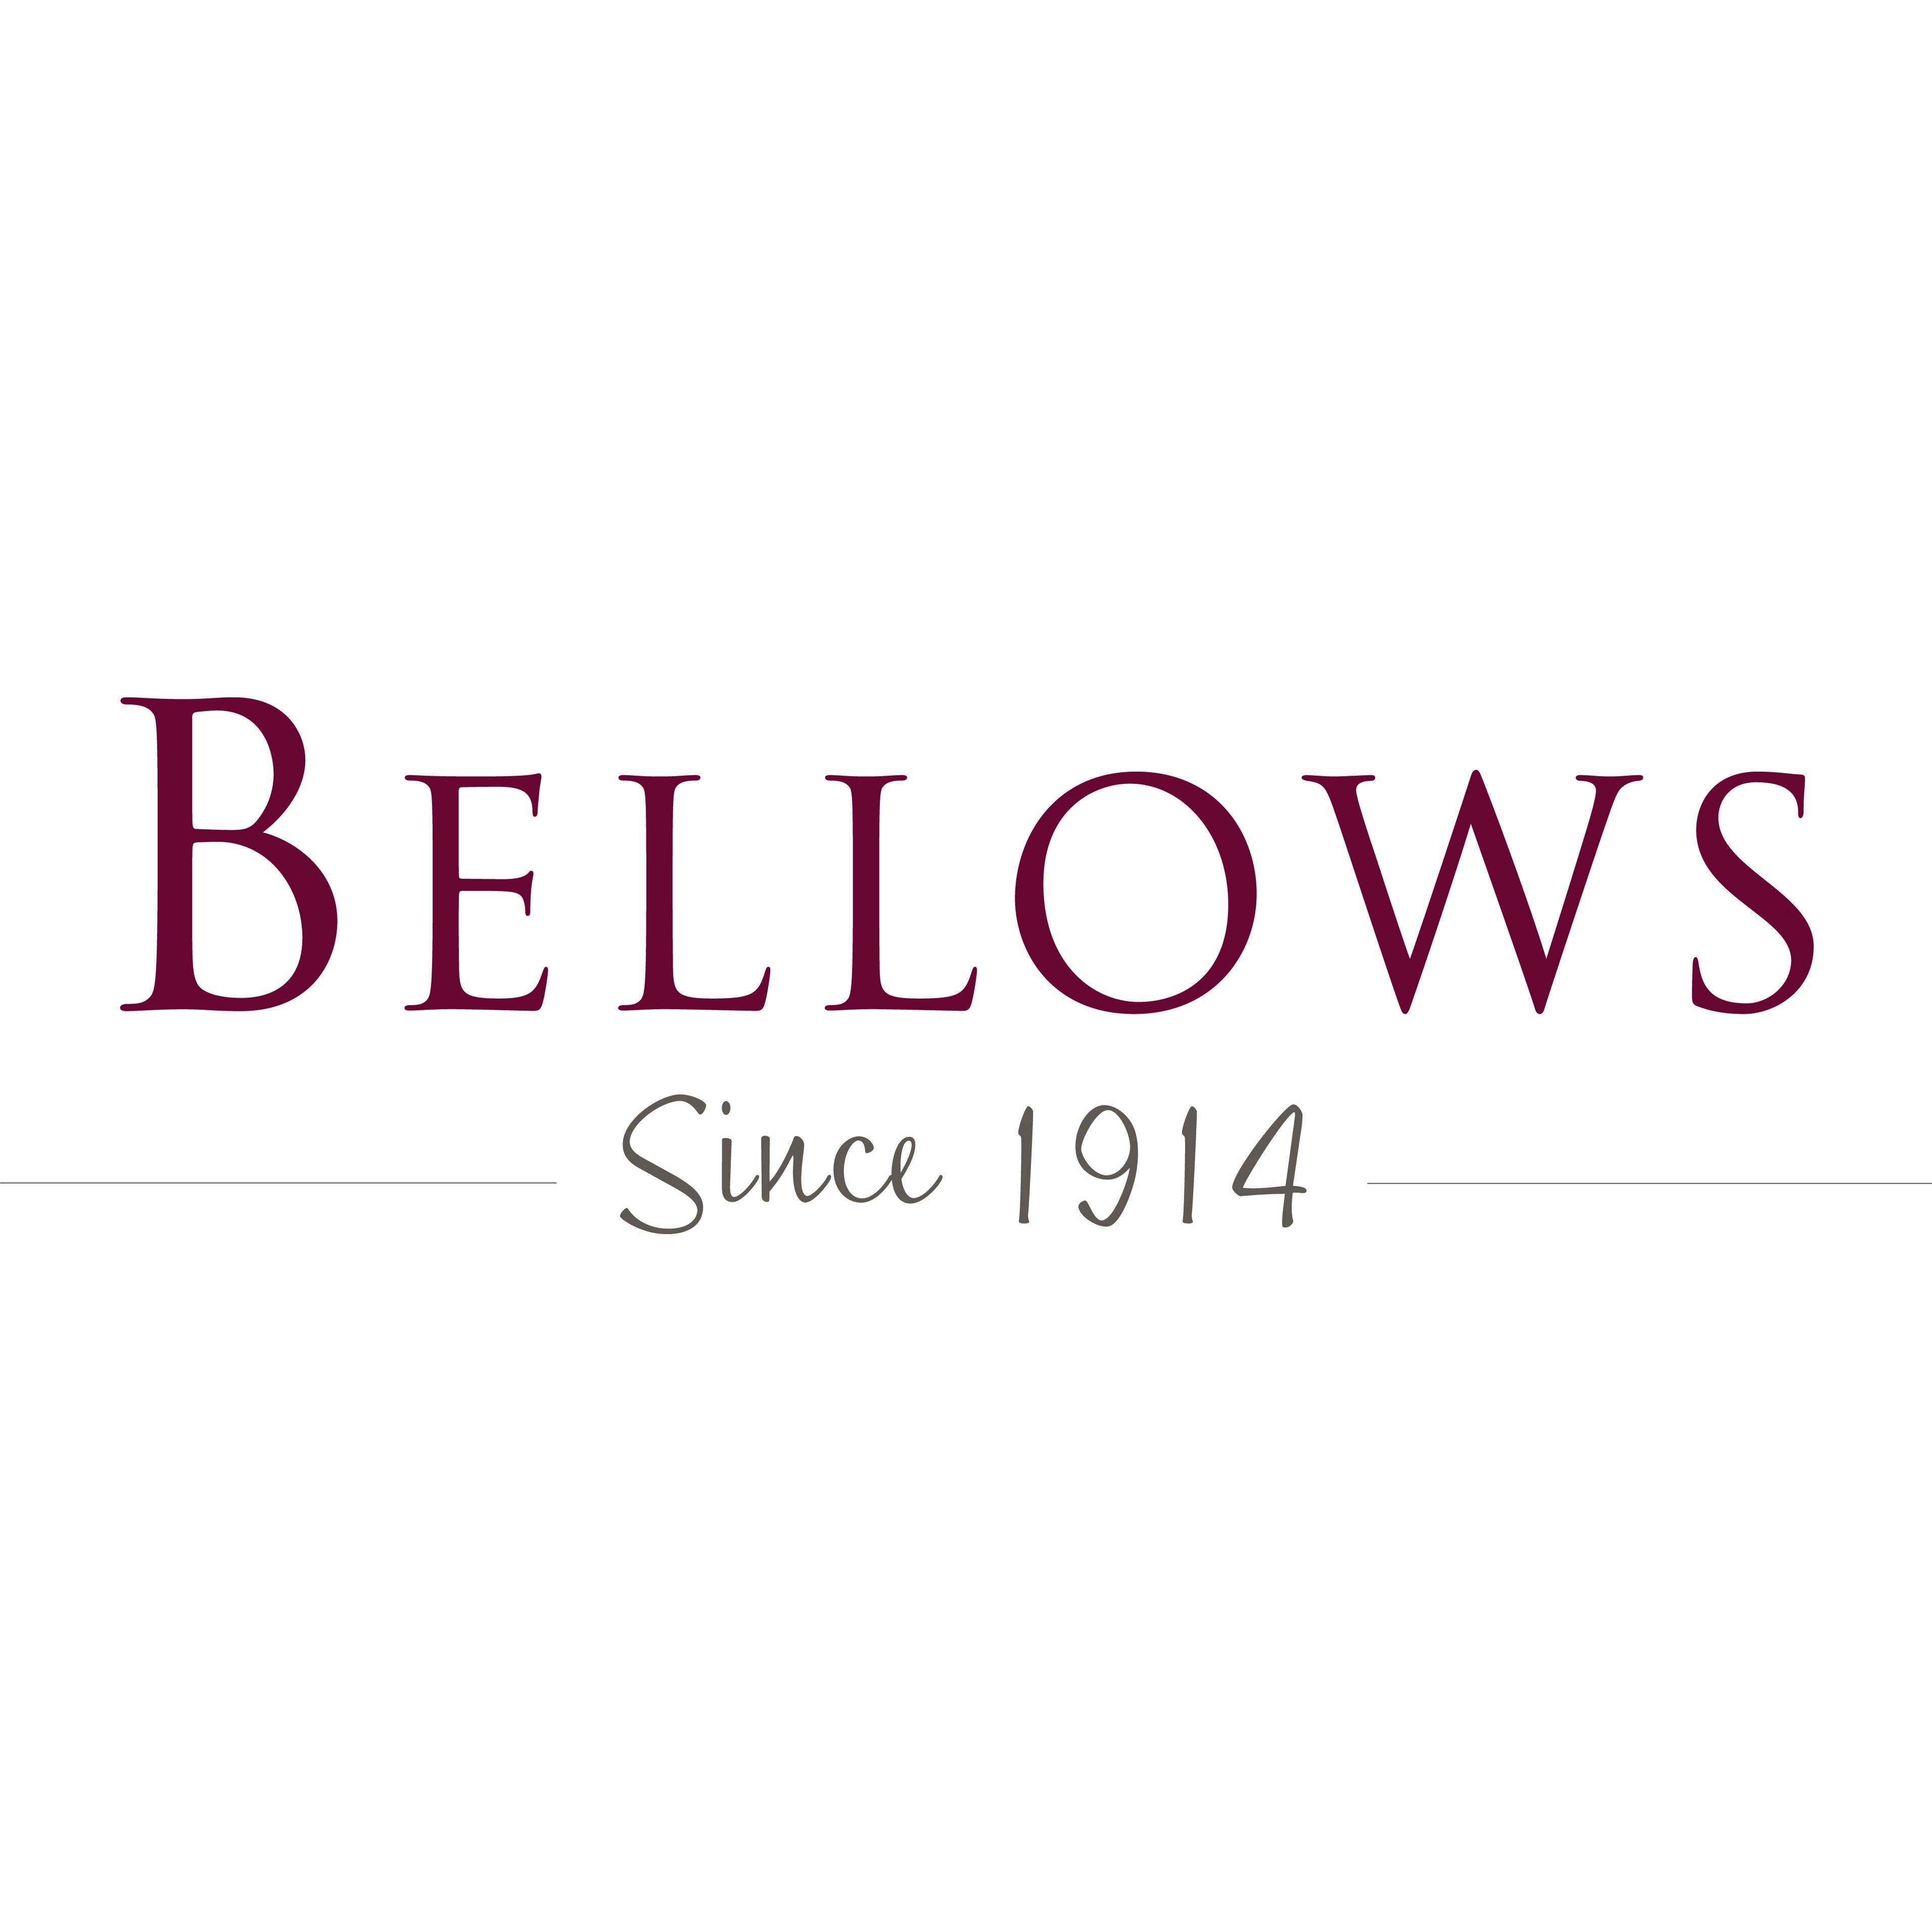 Bellows logo